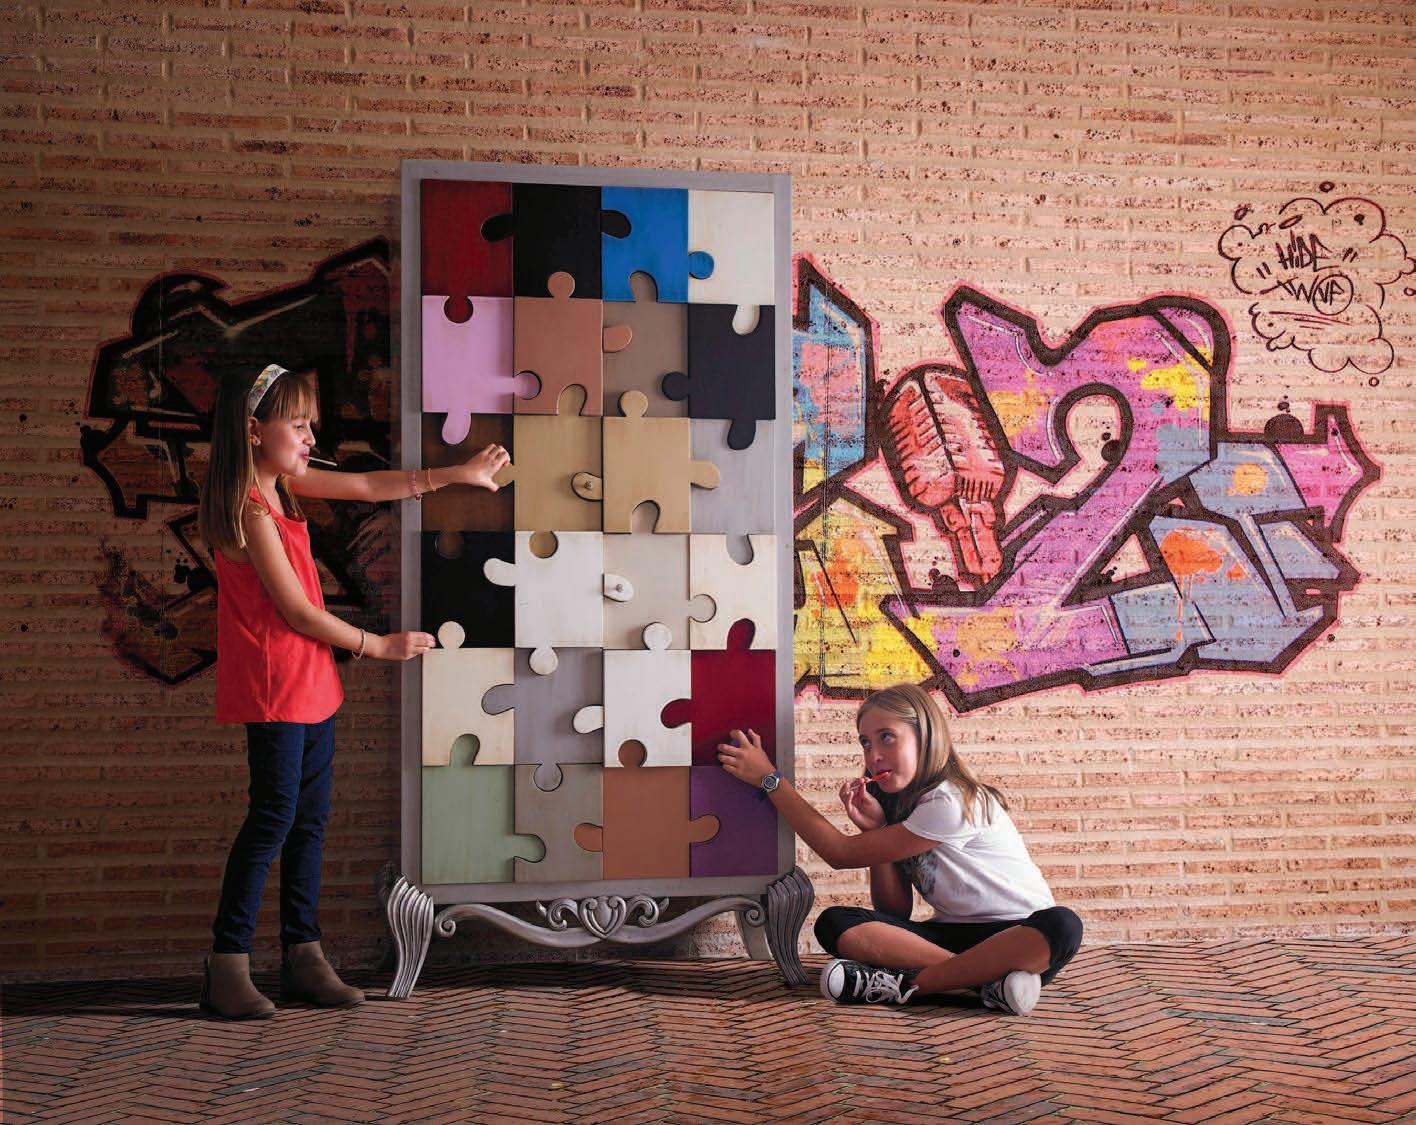 غرفة أطفال مبتكرة 8 غرف أطفال مبتكرة جدًا بتصميمات مستوحاة من الألعاب